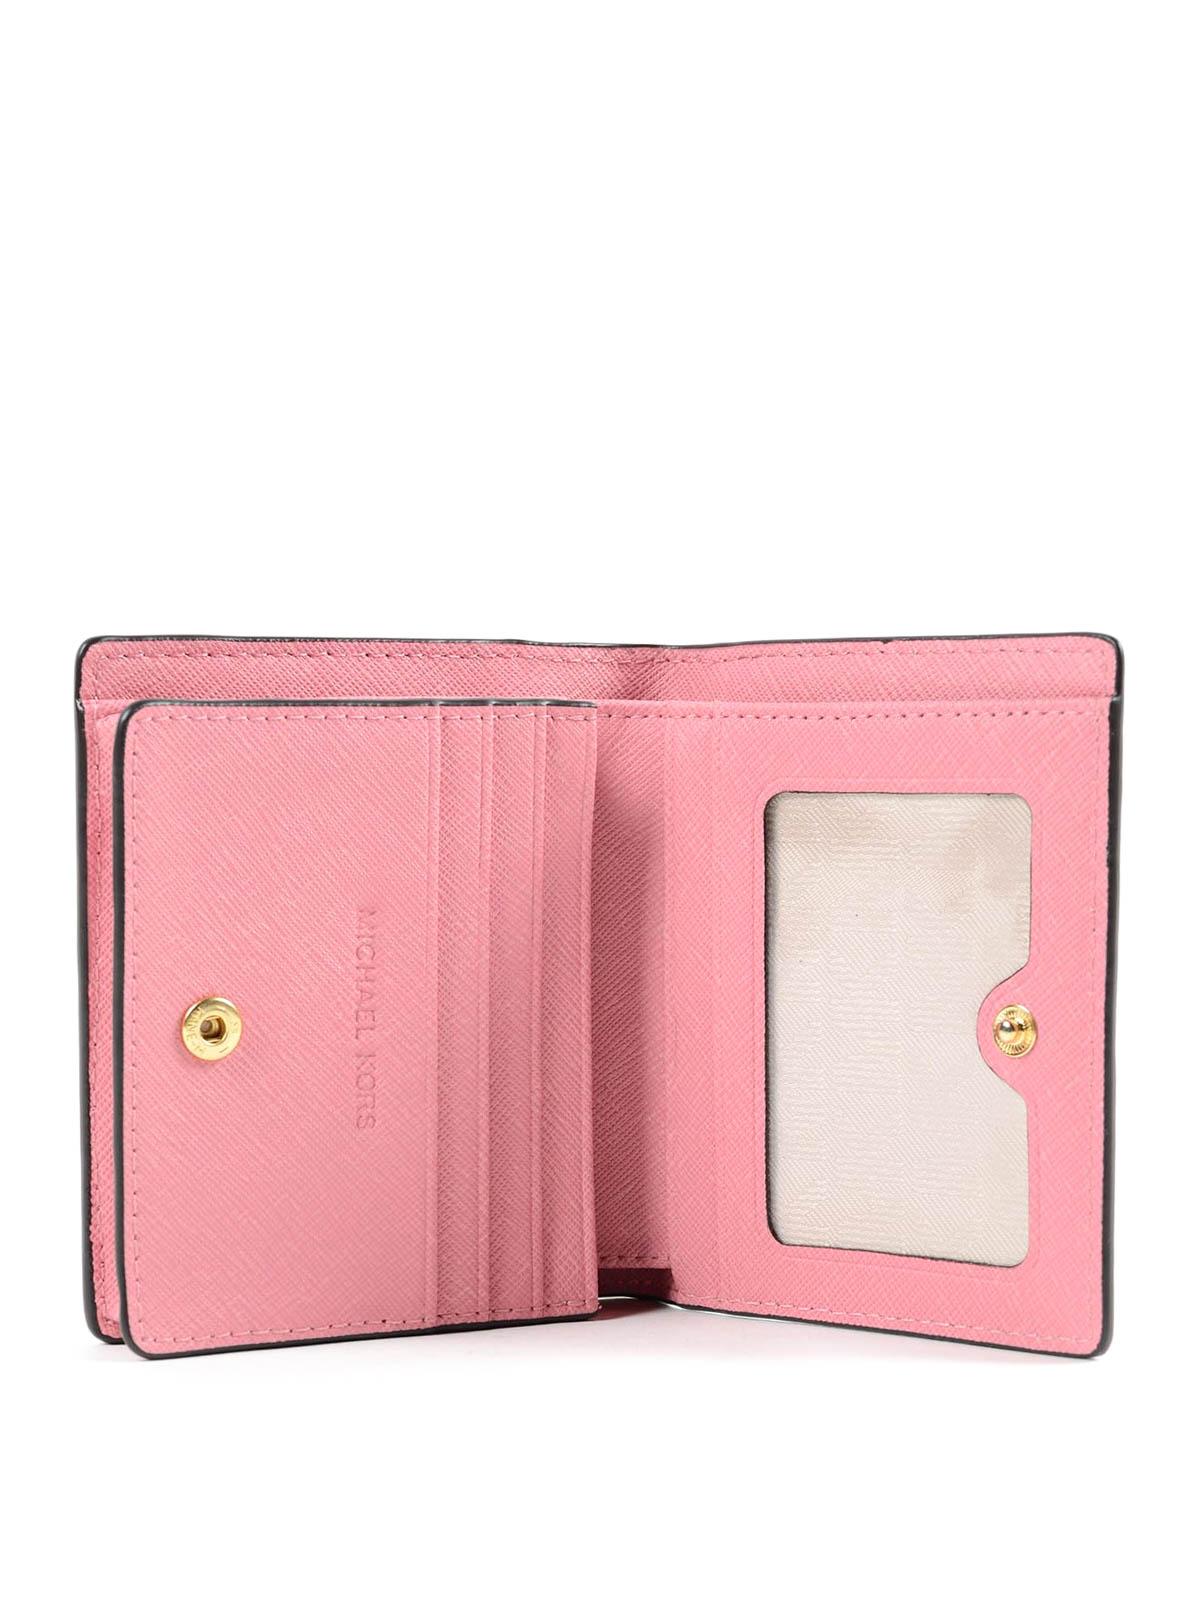 7cbb35da9506b Michael Kors - Portemonnaie Jet Set Travel - Pink - Portemonnaies ...